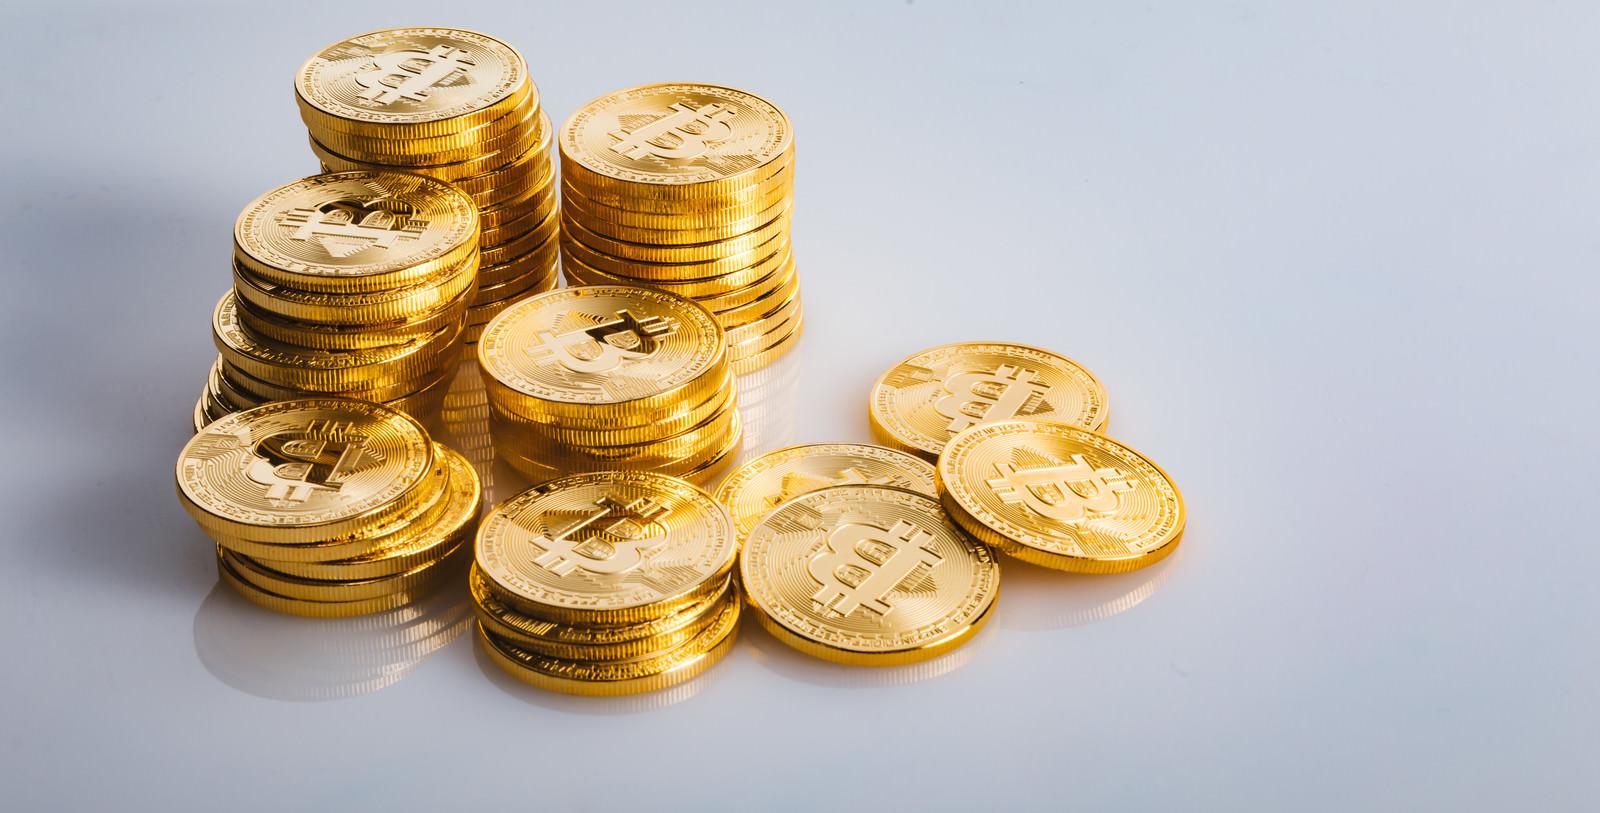 「ビットコイン大量保有ビットコイン大量保有」のフリー写真素材を拡大